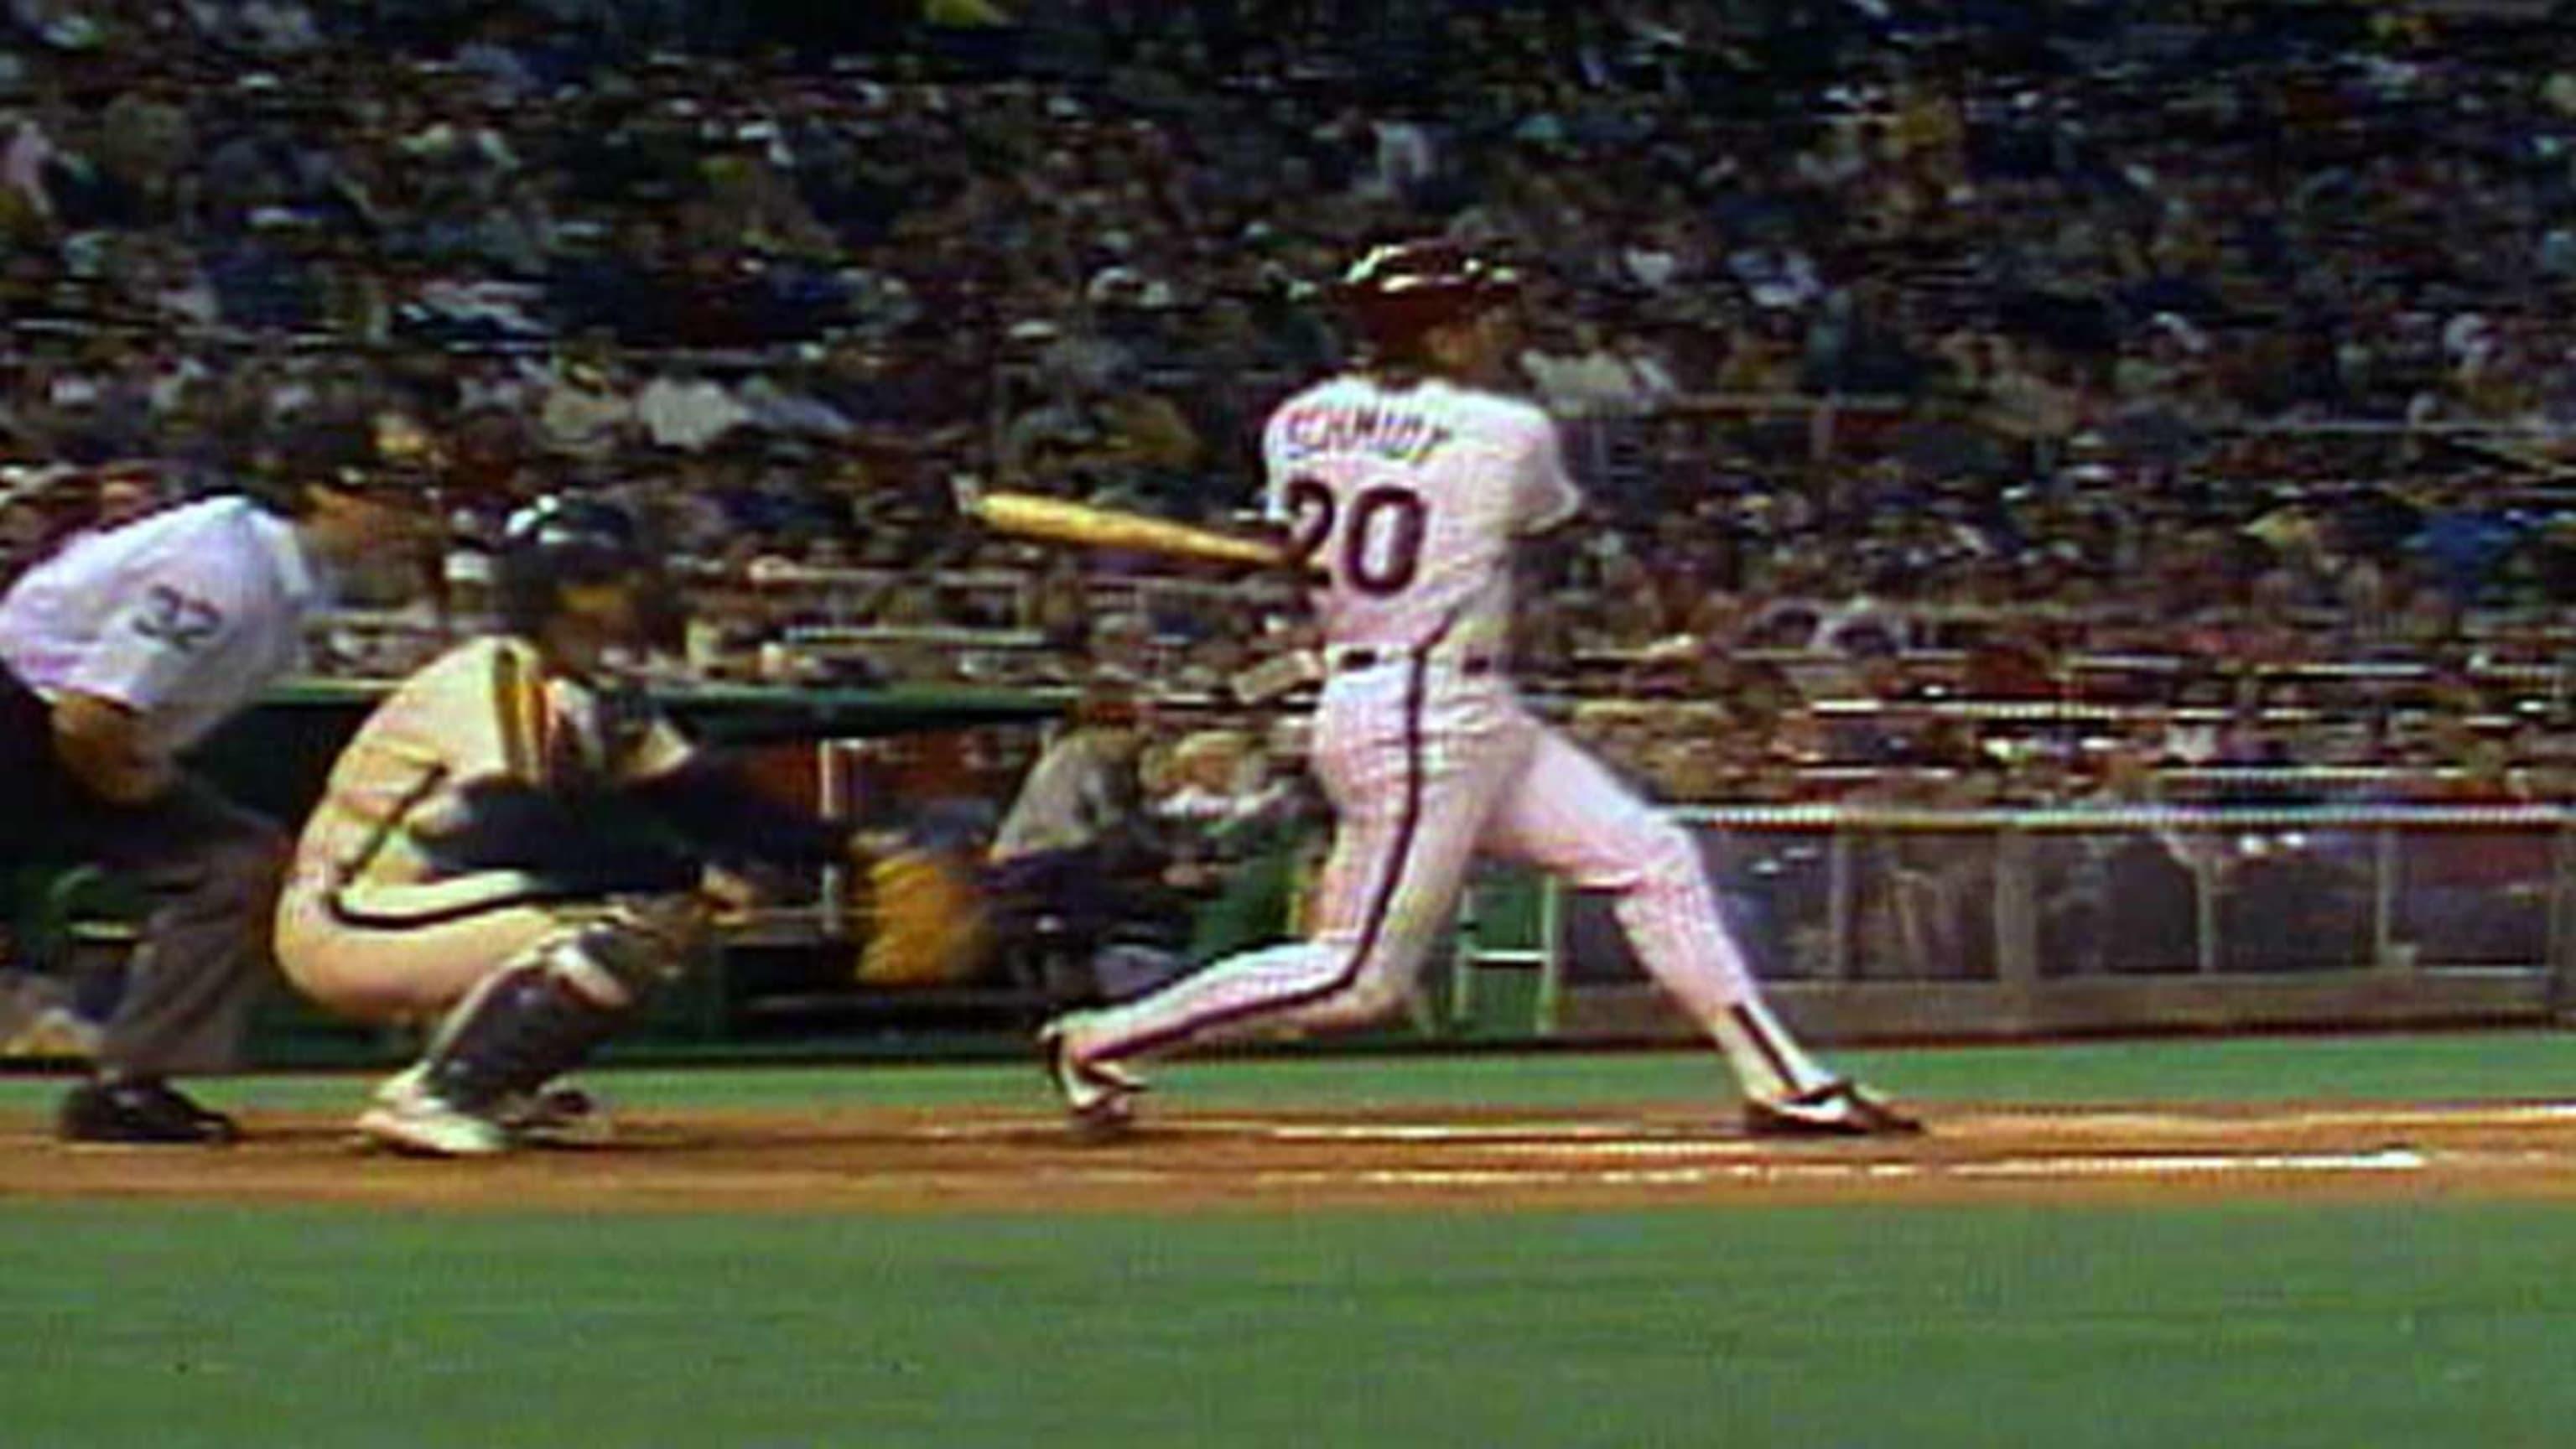 Schmidt's final home run